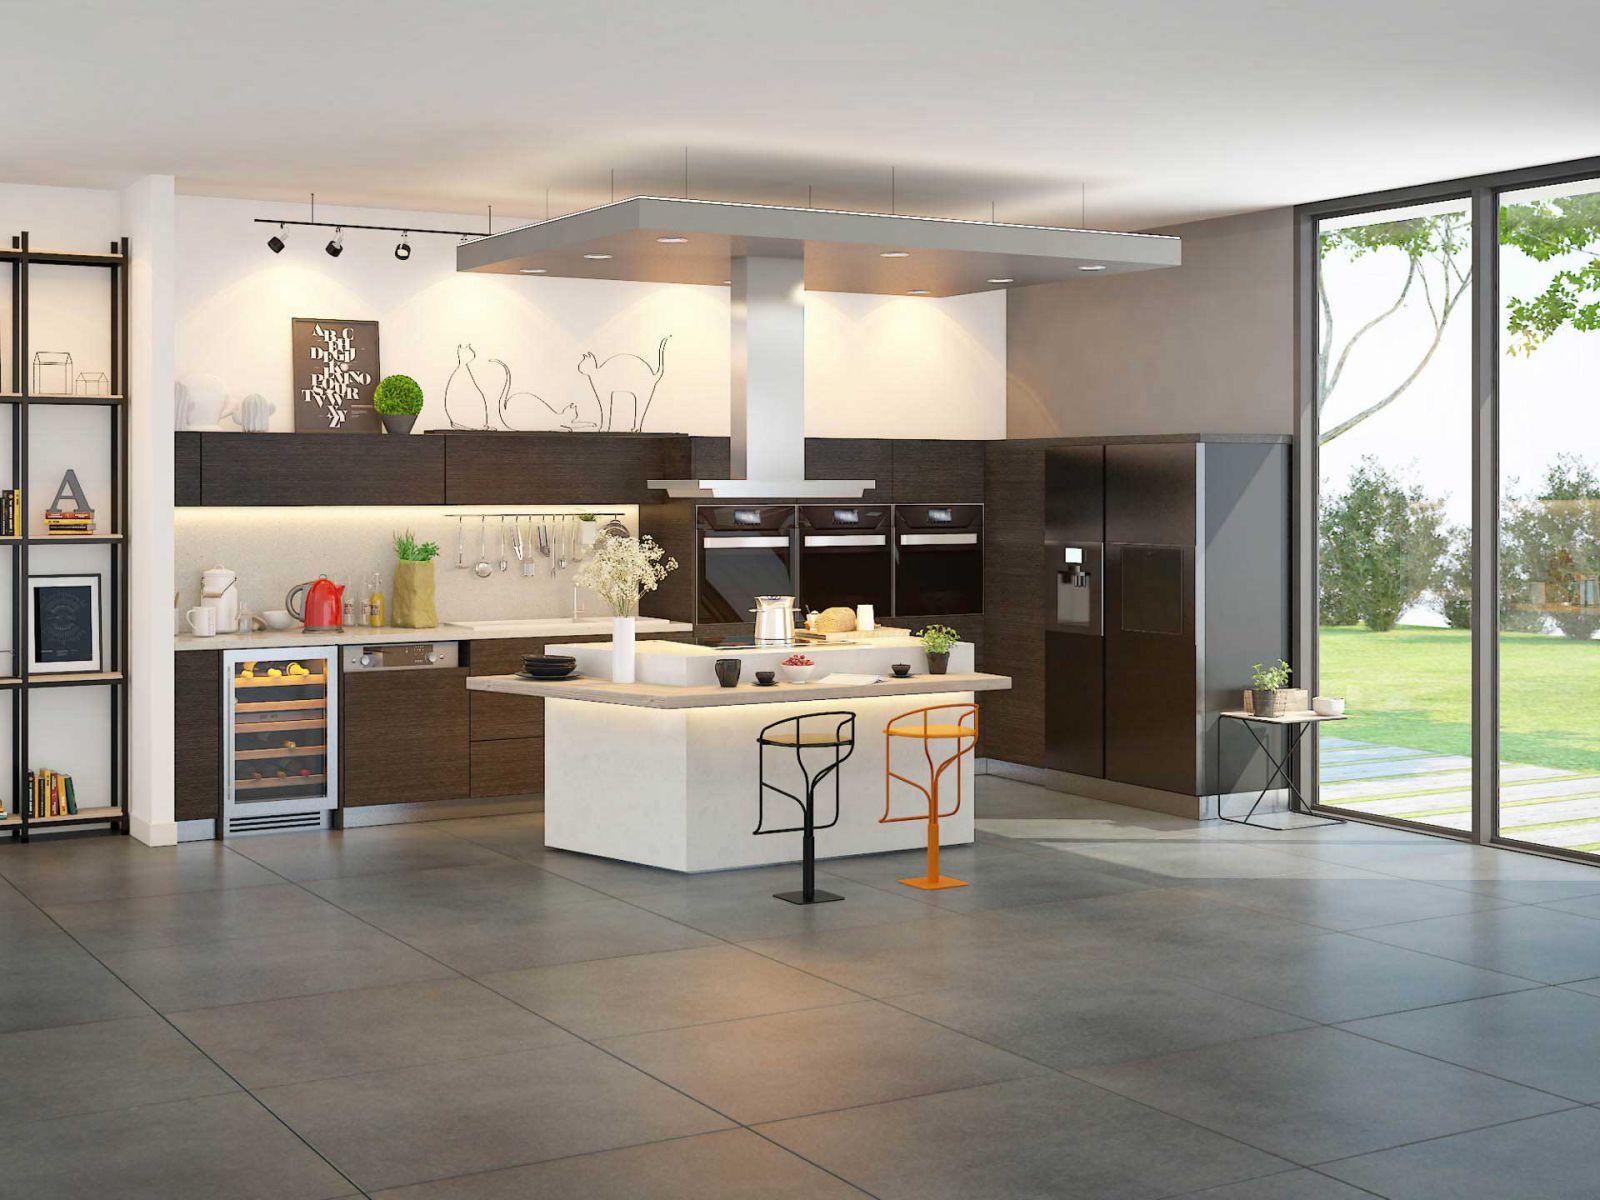 Giải pháp cho bếp Bếp hiện đại